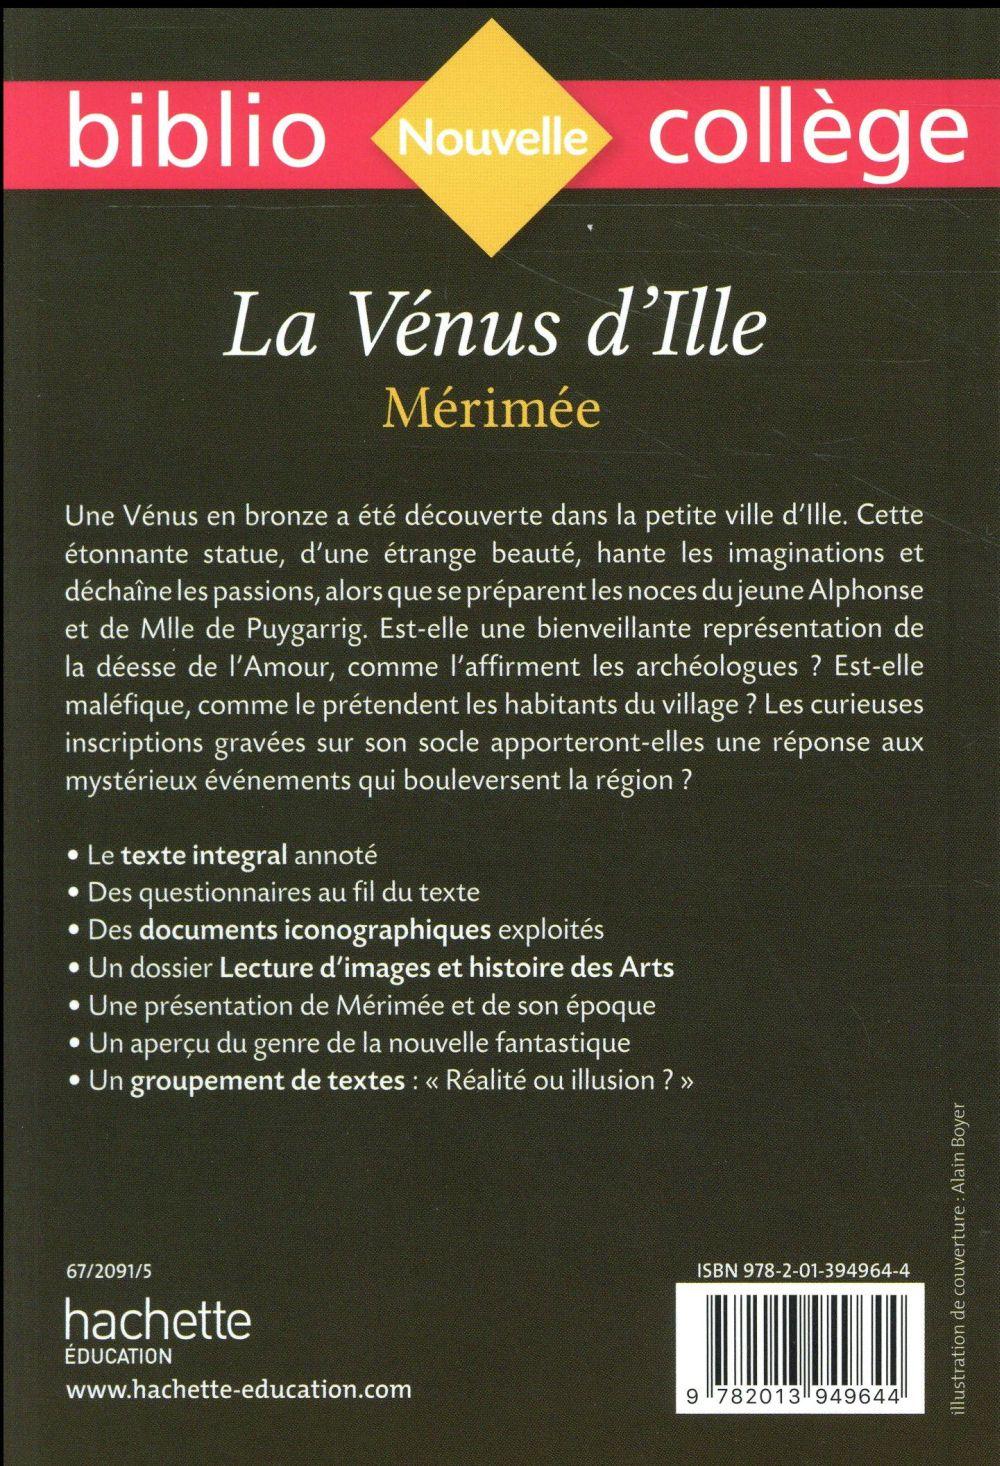 La vénus d'Ille, de Mérimée